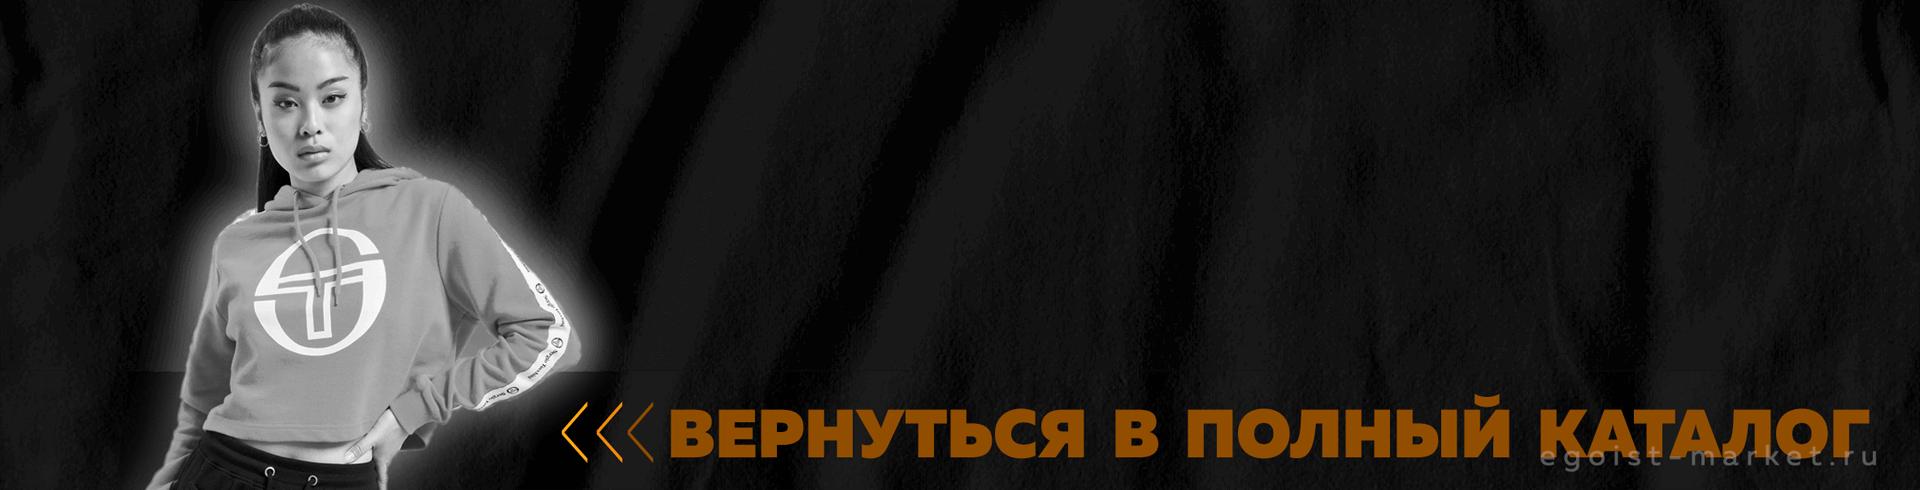 Каталог женских толстовок с капюшоном без молнии-застежки от бренда производителя UMBRO (умбро)